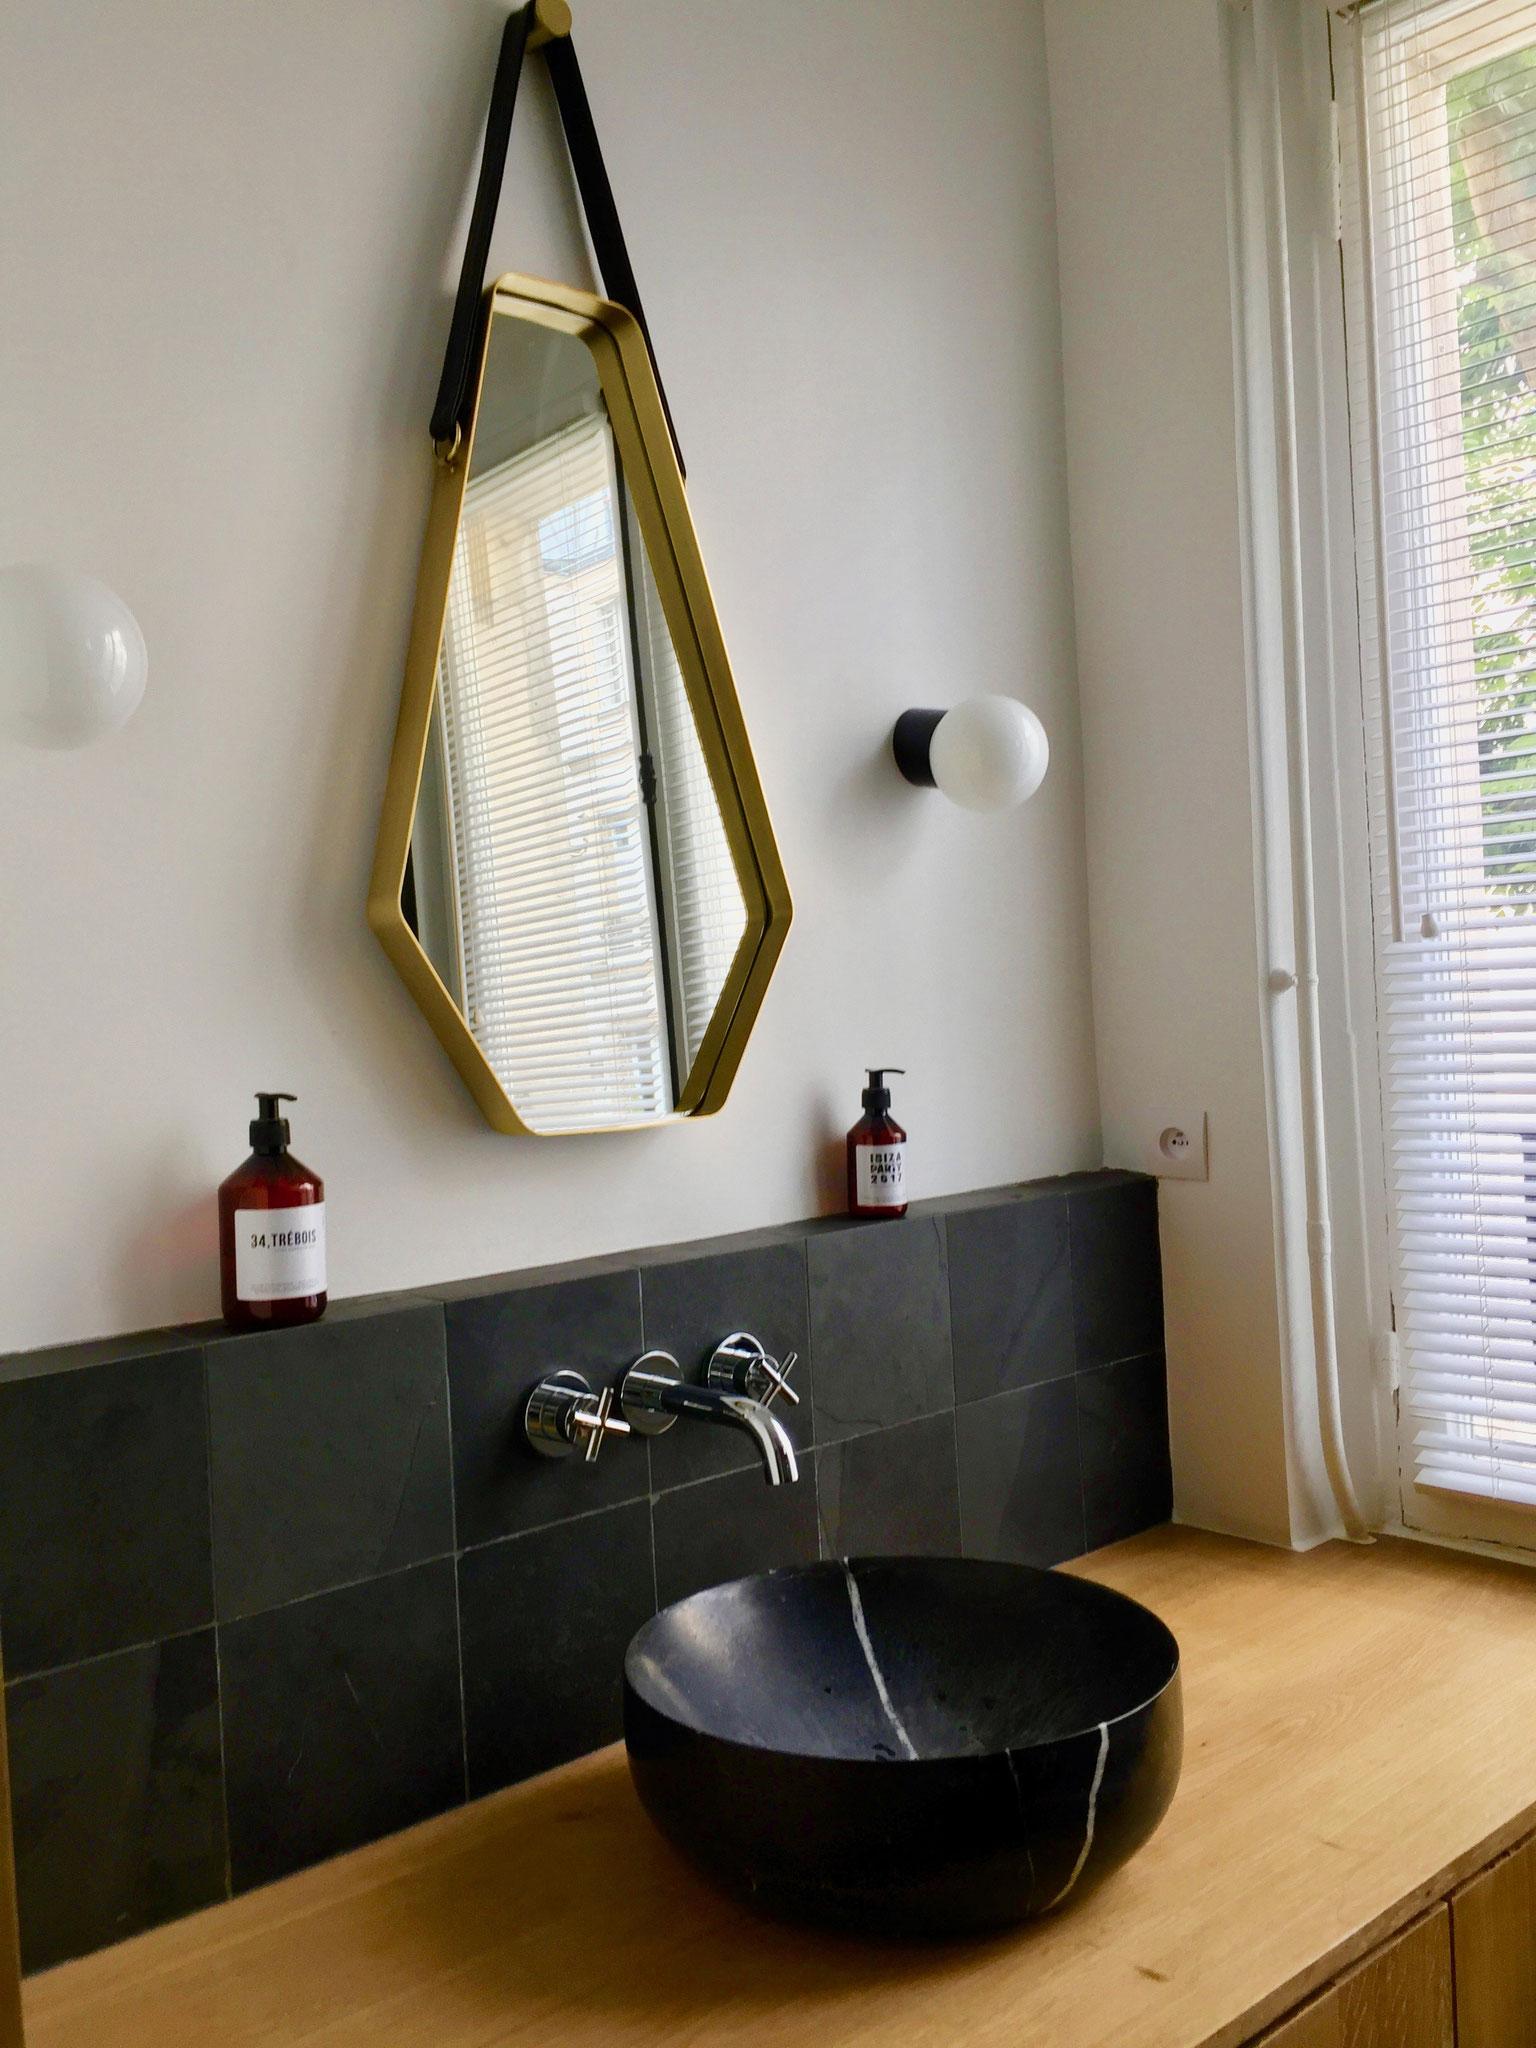 Un miroir laiton, des appliques anciennes, de l'ardoise, du marbre noir en harmonie avec du mobilier en chêne brut